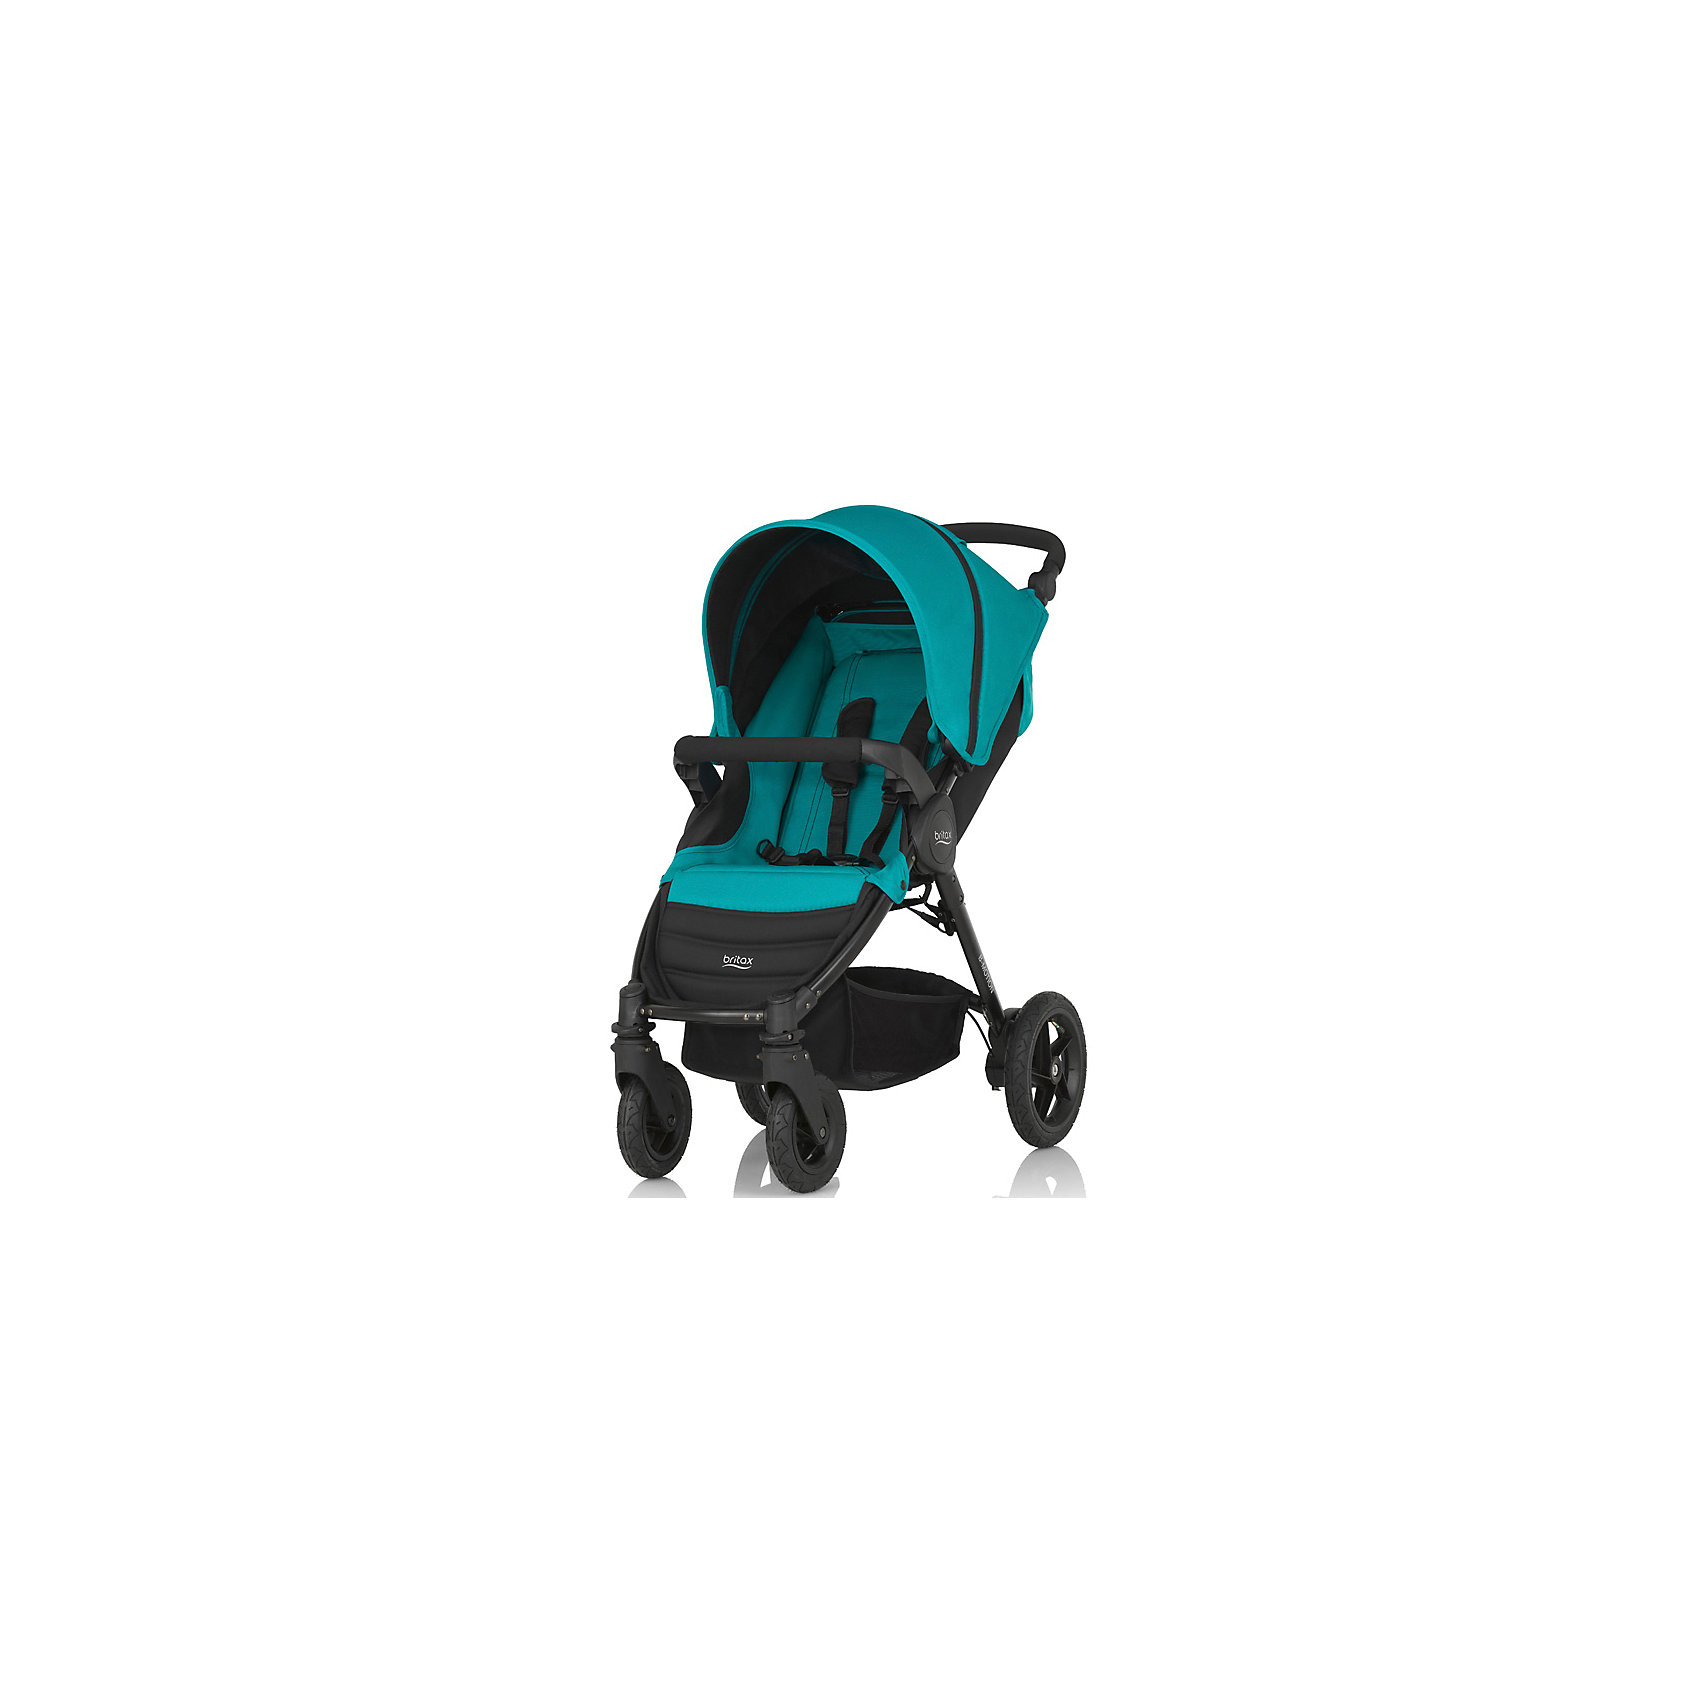 Прогулочная коляска Britax B-Motion 4, Lagoon GreenПрогулочные коляски<br>Коляска Britax B-Motion - это 4-колесная городская система Travel System с уникальной системой сложения коляски одной рукой - просто нажмите фиксатор и потяните ремень! <br>Легкая и маневренная коляска имеет легкий алюминиевый каркас и прочные покрышки, что дает максимальную свободу, куда бы вы ни отправились. Спинка, раскладывающаяся в горизонтальное положение, бампер для ребенка, капор с встроенной москитной сеткой сделает прогулку с малышом удобной и комфортной. <br>Коляски B-Motion также совместимы с автолюлькой Baby-Safe Sleeper и автопереносками Baby-Safe. <br>Подходит с рождения и до 15 кг<br>Легкая алюминиевая рама<br>Простое и компактное складывание с автоматической фиксацией<br>Регулируемая ручка<br>Амортизаторы на задних колесах<br>5-точечные ремни безопасности<br>Блокируемые или поворотные передние колеса<br>Износостойкие покрышки<br>Большая корзина для покупок<br>Возможна дополнительная установка люльки в качестве опции<br>Гарантия на коляску Britax B-Motion - 2 года.<br>Комплектация: прогулочный блок, поручень, переходники для Baby Safe plus<br><br>Ширина мм: 780<br>Глубина мм: 470<br>Высота мм: 230<br>Вес г: 14000<br>Возраст от месяцев: 0<br>Возраст до месяцев: 48<br>Пол: Унисекс<br>Возраст: Детский<br>SKU: 5484742